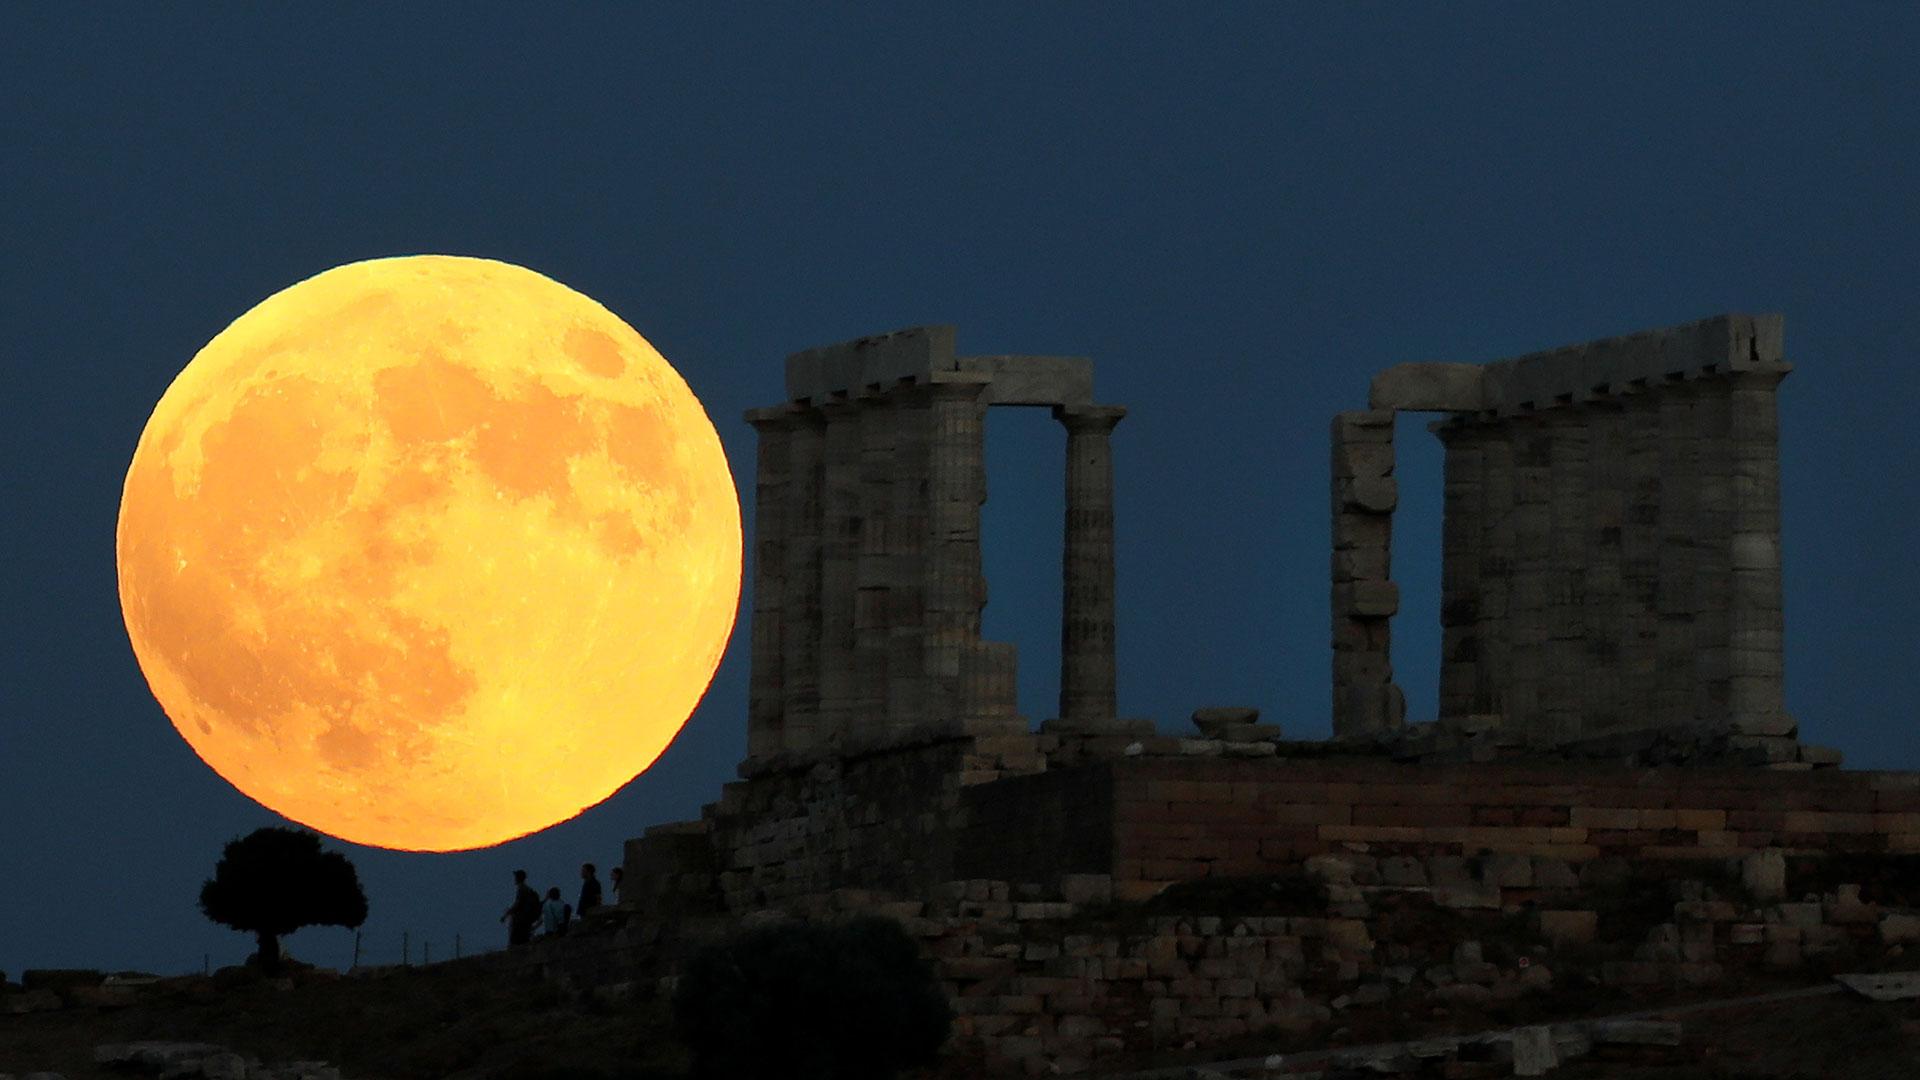 Grecia. El espectáculo podrá observarse a simple vista, sin necesidad de protección, como ocurre con los eclipses de Sol